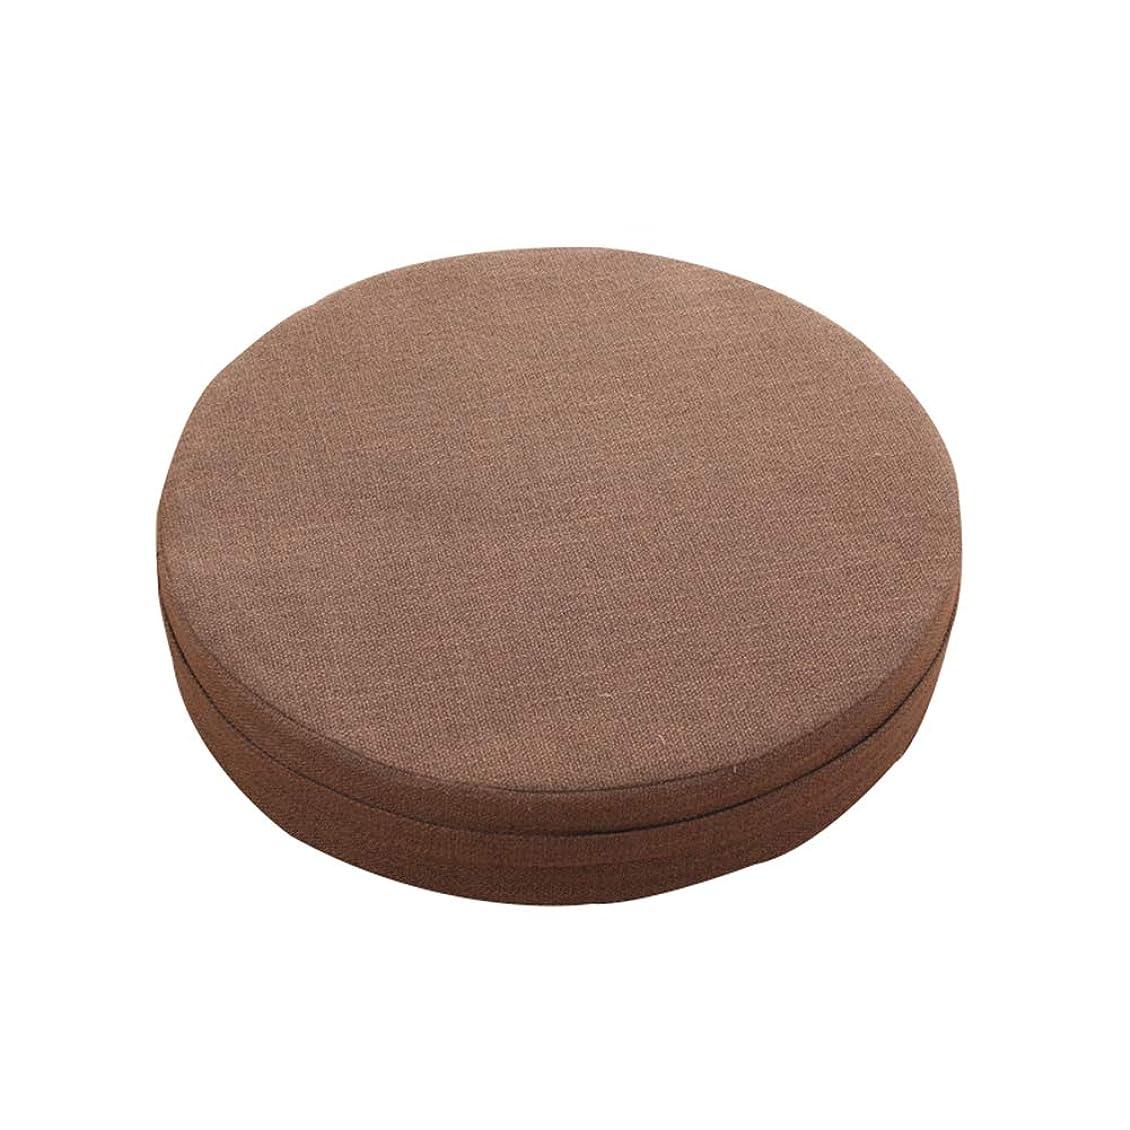 要求するディスカウント治世座布団 クッション 座蒲 フロアクッション 正座 あぐら ヨガ 椅子用 クッションカバー付き 洗える 滑り止め シンプル 通気 おしゃれ 円型 直径40x高さ6cm ブラウン